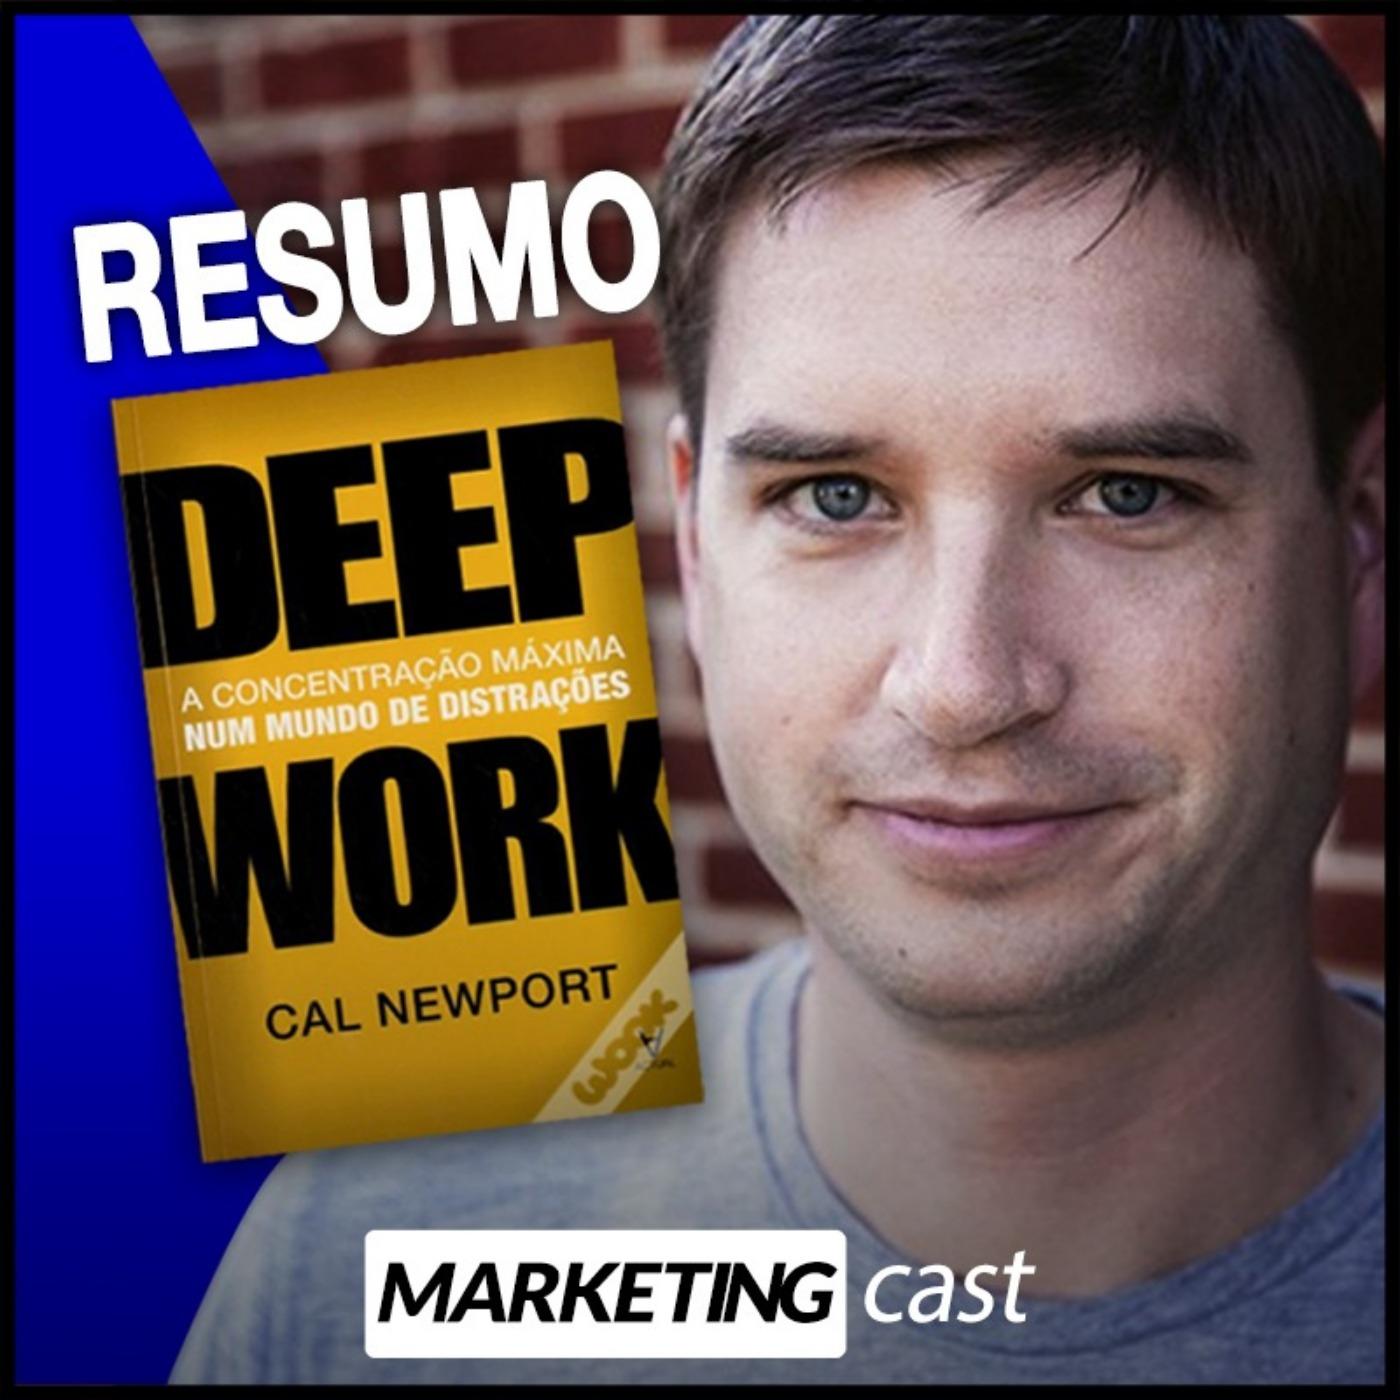 #37 – Deep Work : A concentração máxima num mundo de distrações